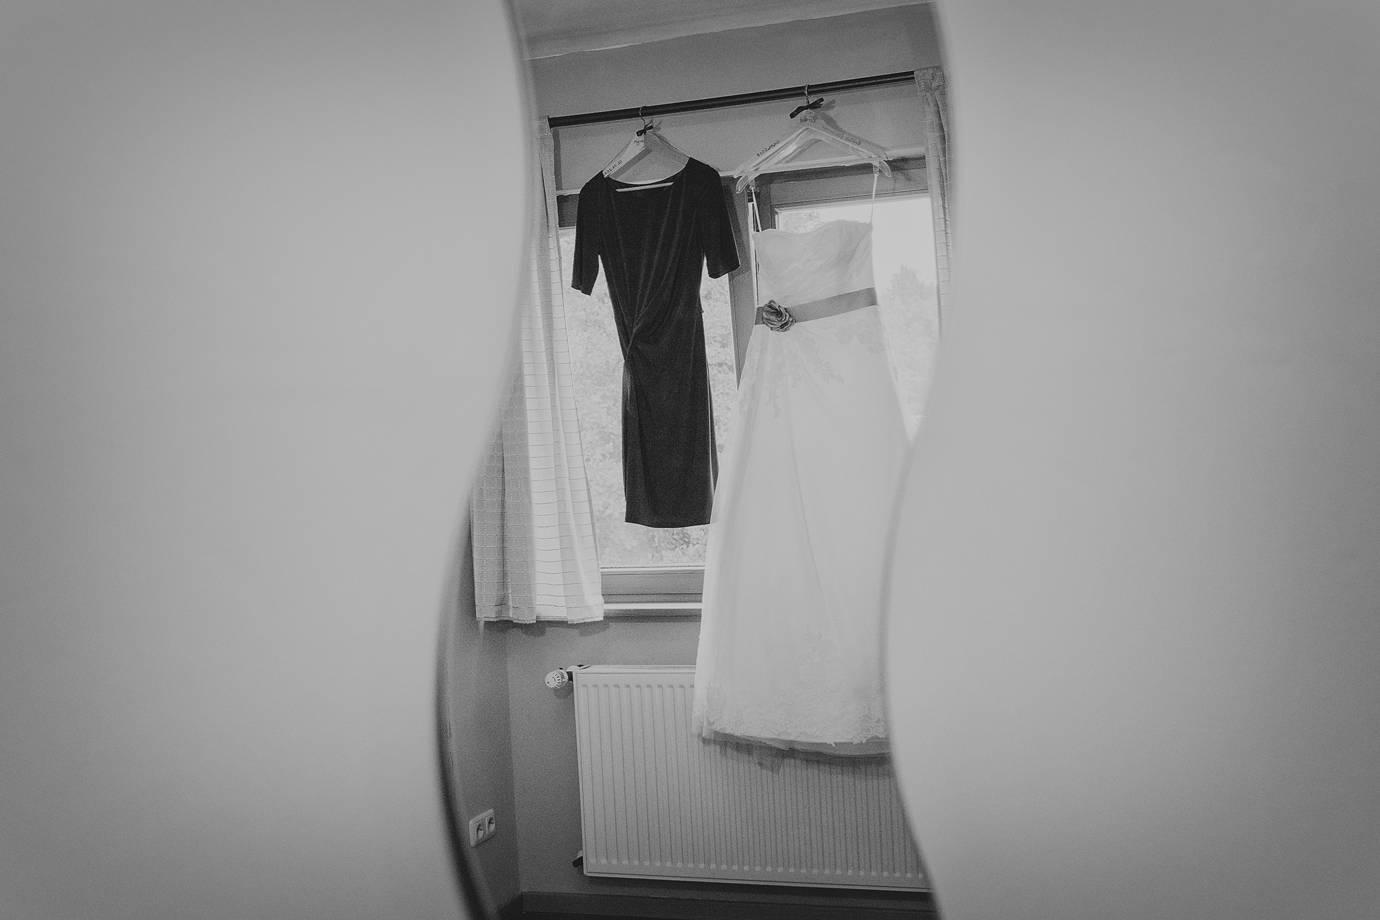 hochzeitsfotograf rotenburg 019 - Rebecca+Malte